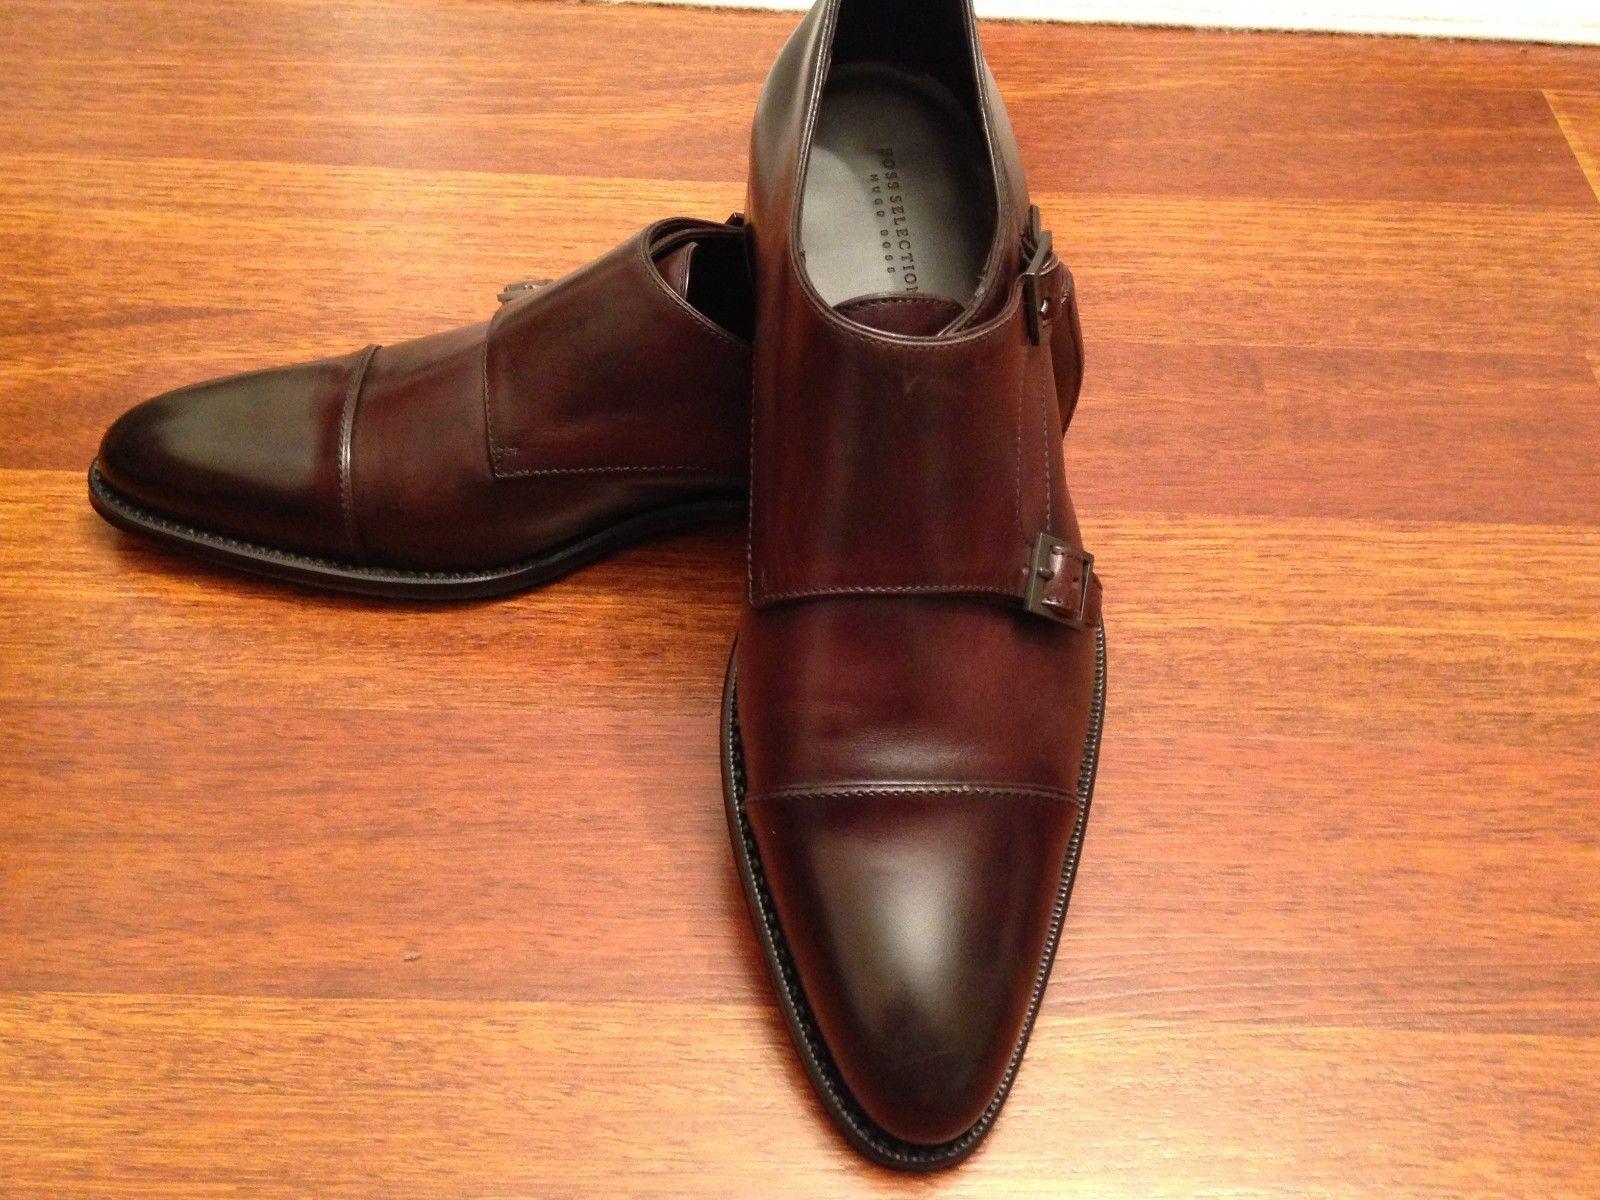 Hugo Sur Ceux Styleforum Selection Ci Quelle Chaussures Est L fzgaqtwP